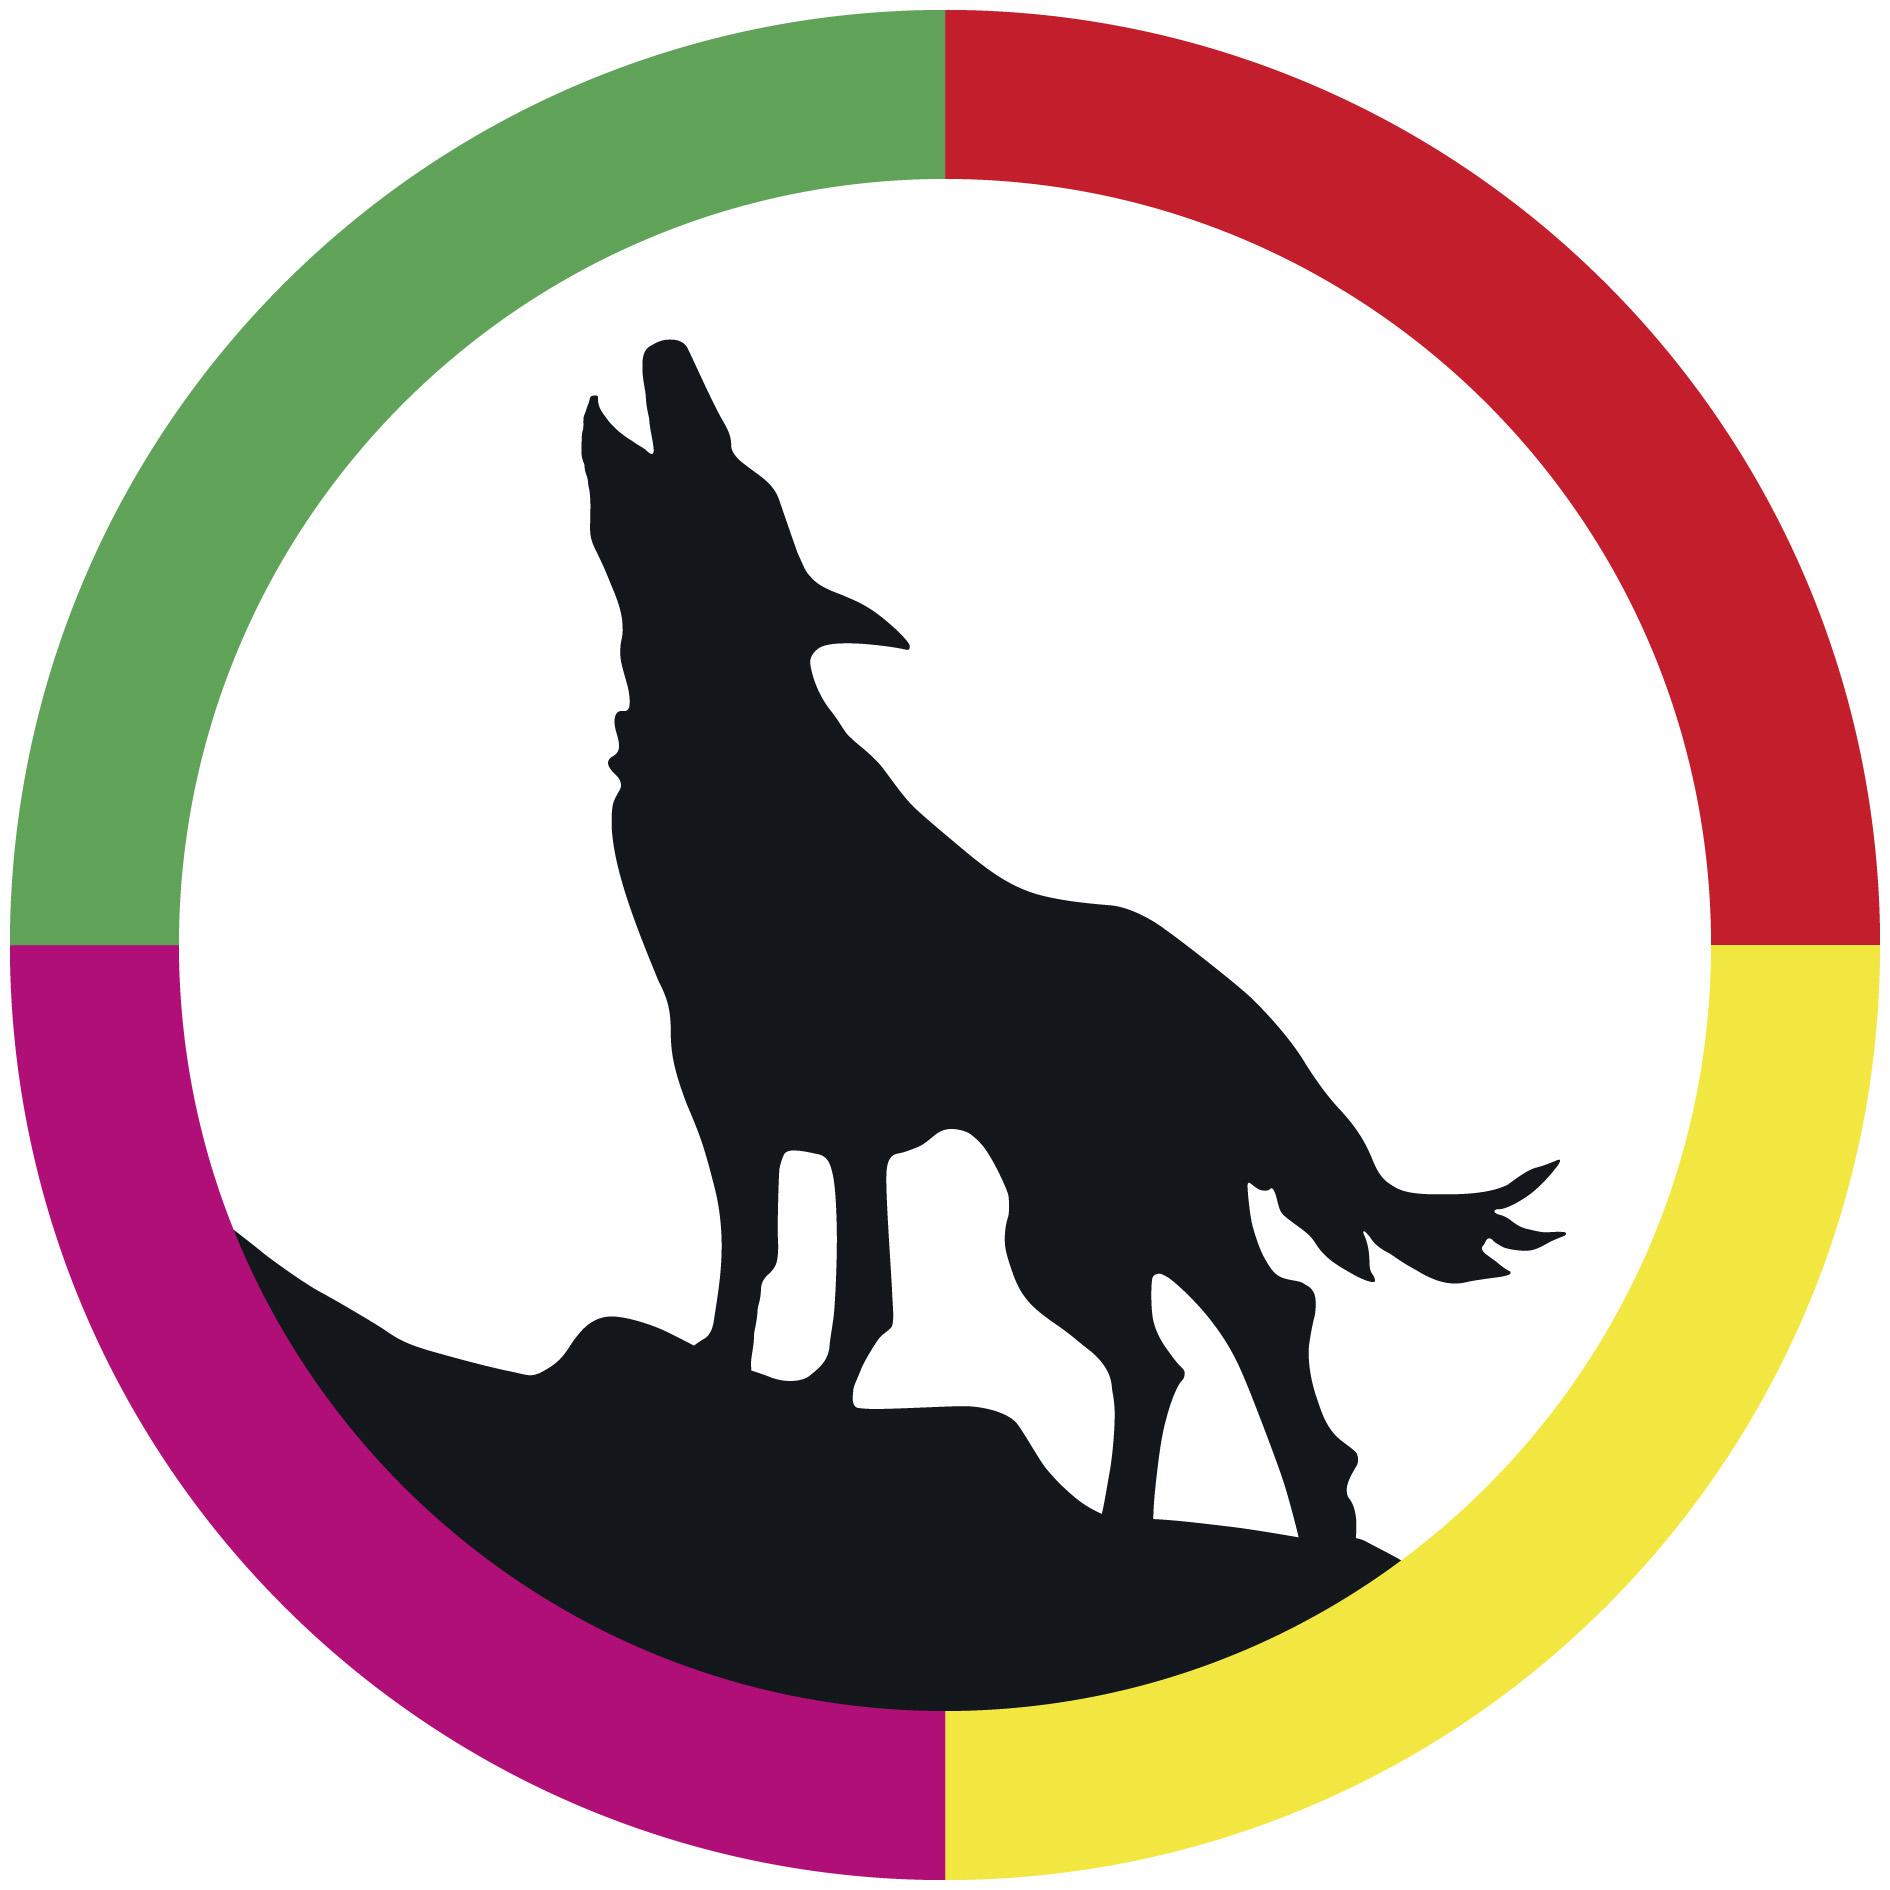 DJV-logo-kleurencirkel.jpg